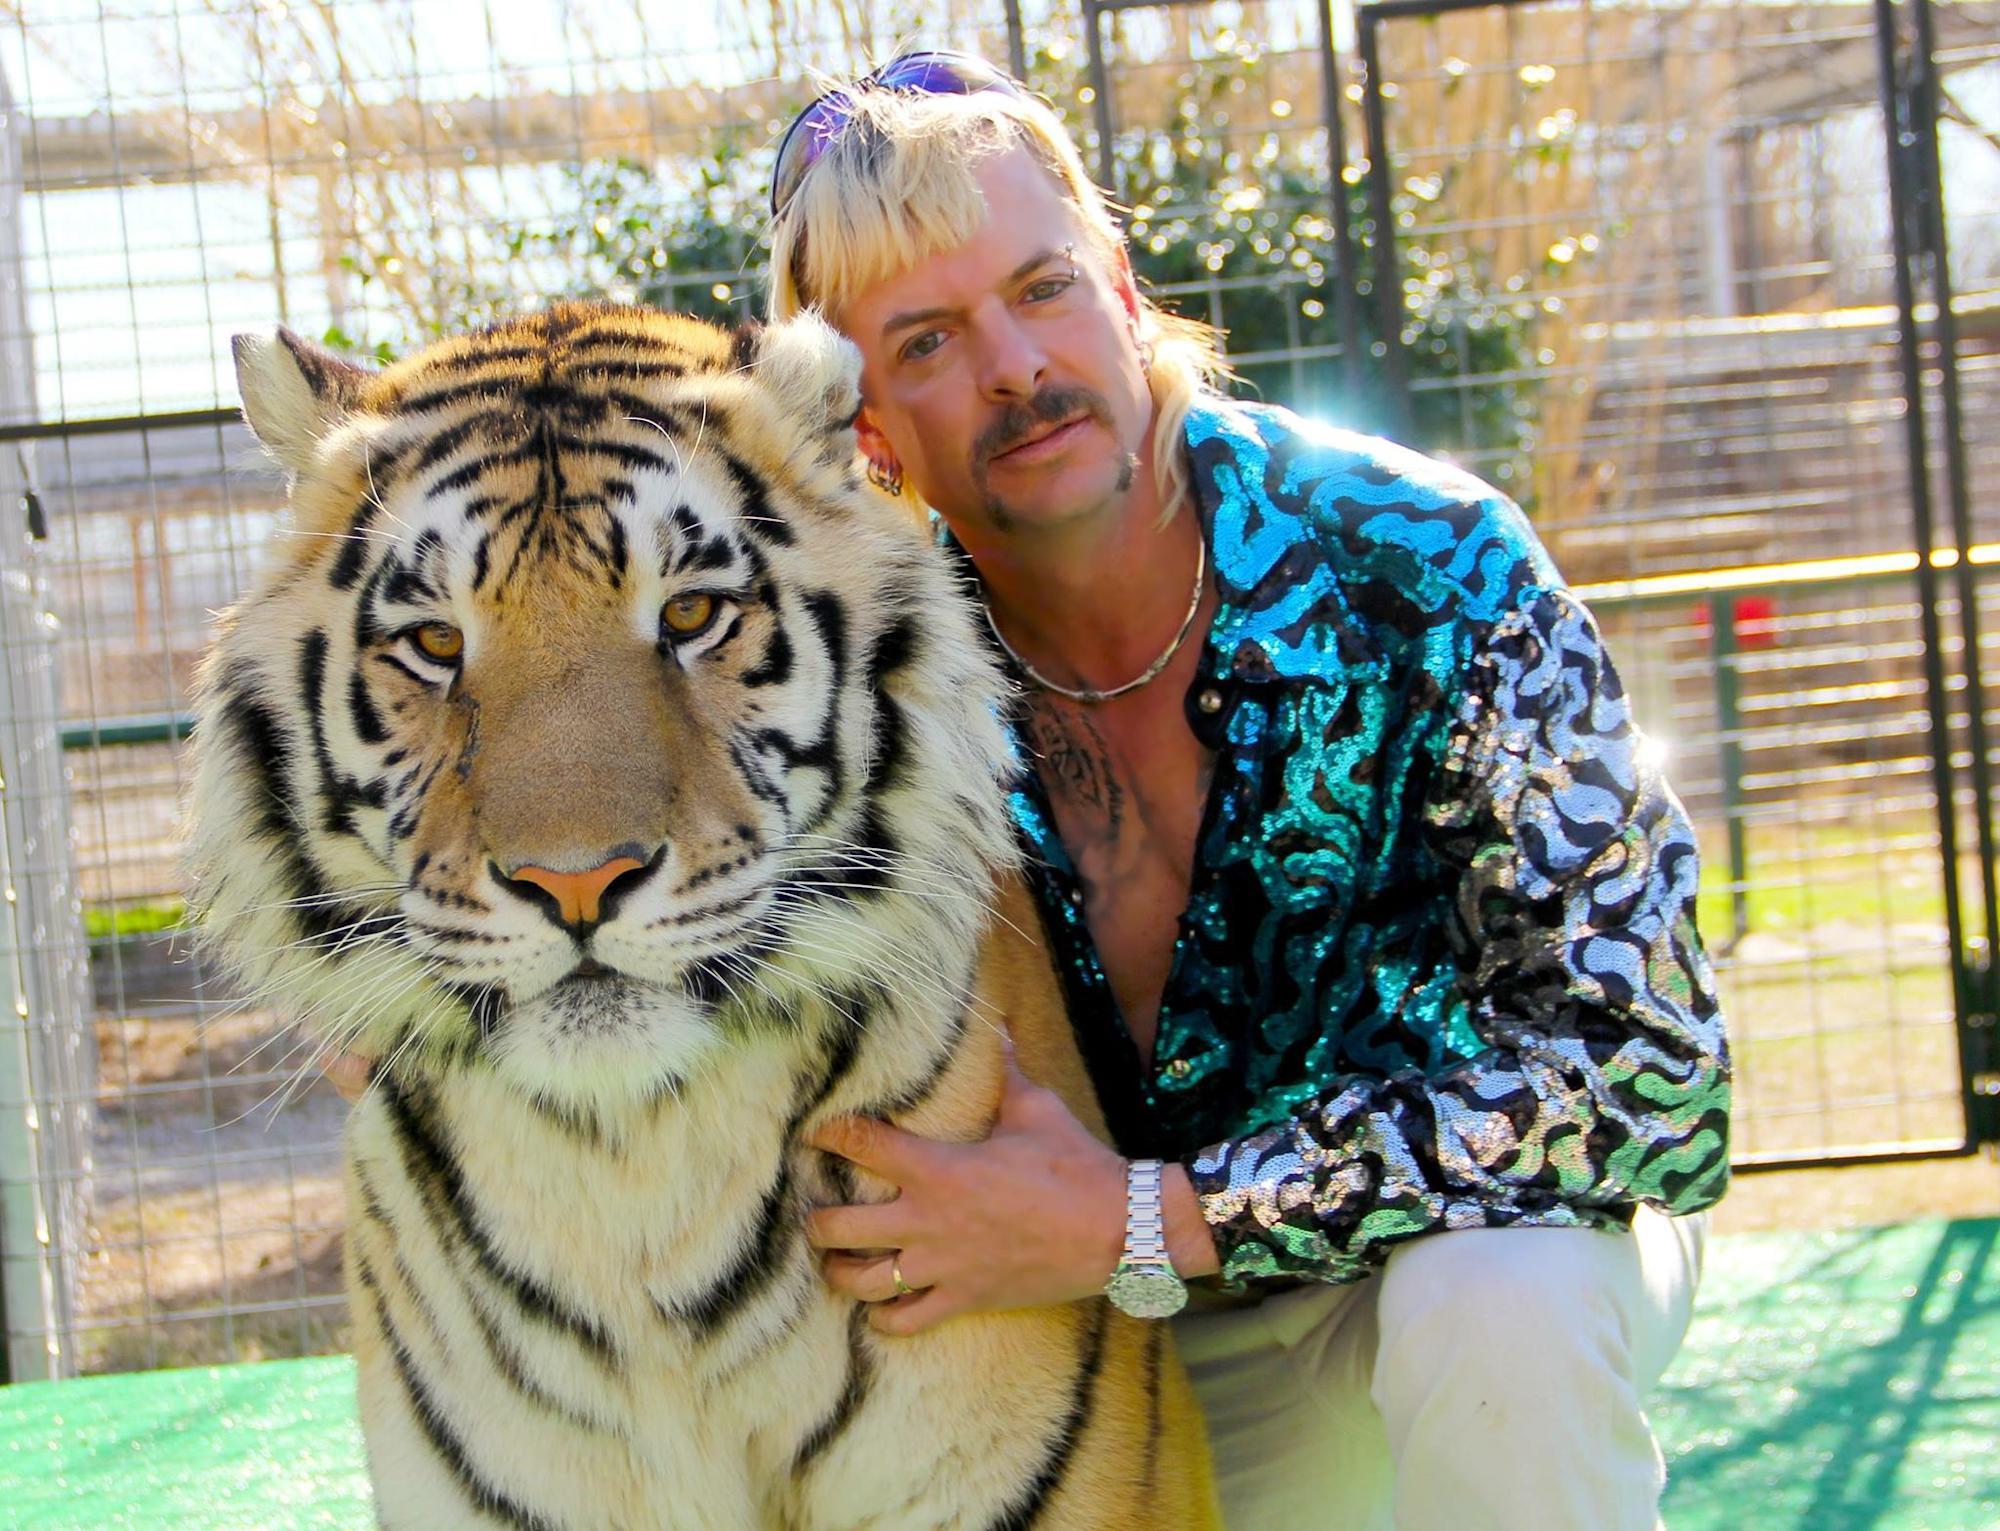 Tòa án không hài lòng với ngôi sao Joe Exotic của 'Tiger King'